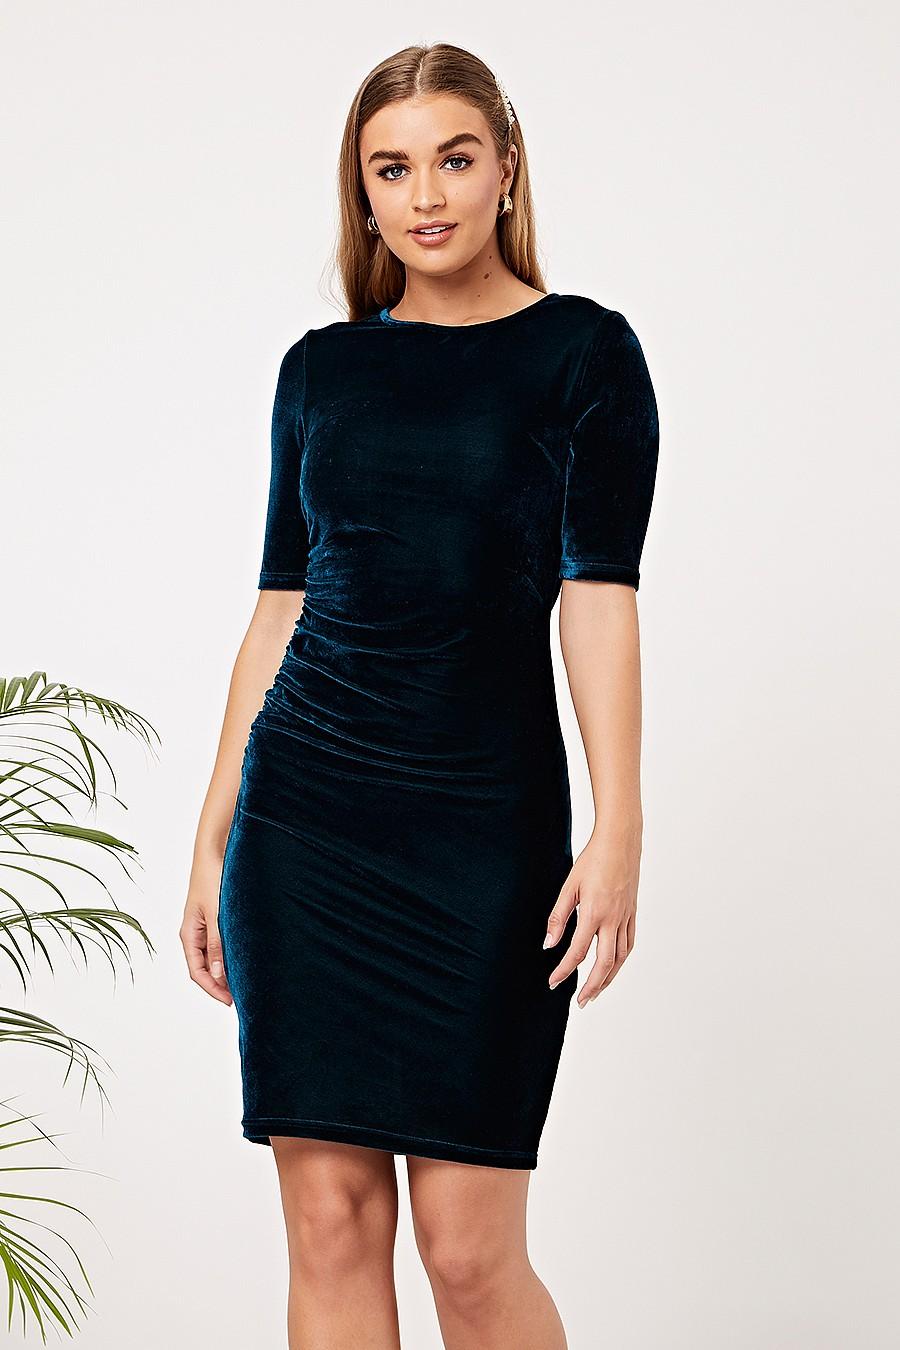 Angeleye Teal Velvet Mini Dress